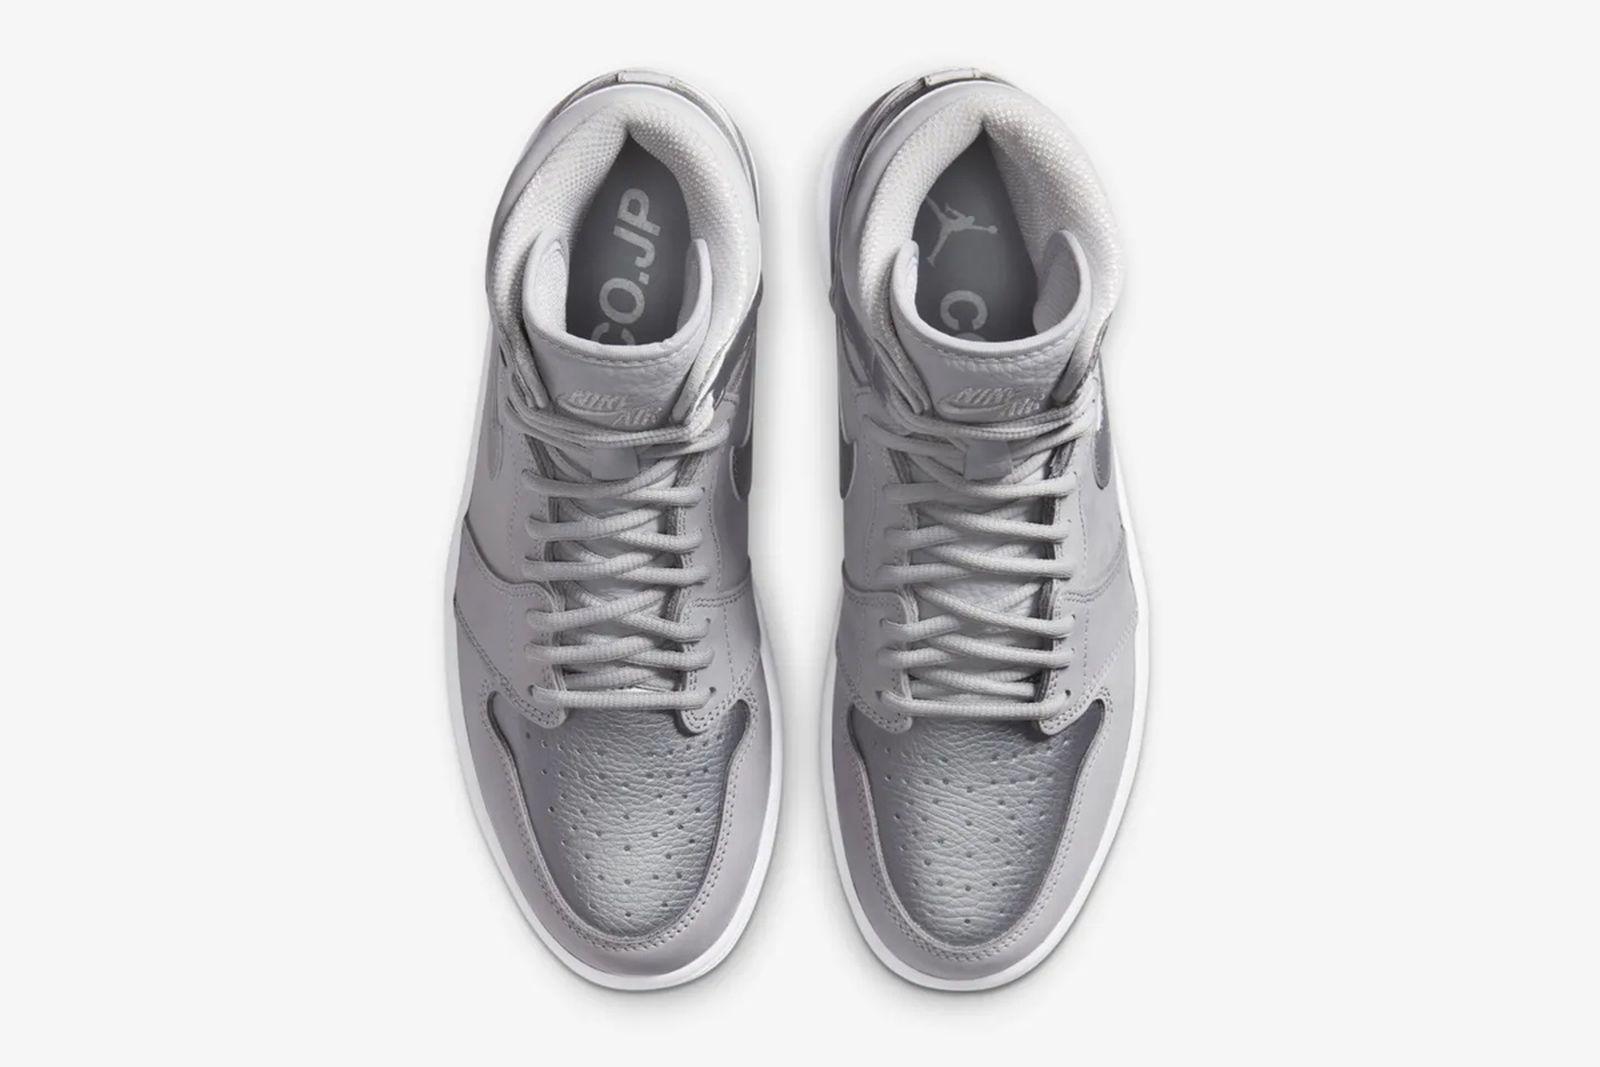 Nike Air Jordan 1 Hi Tokyo silver product shot